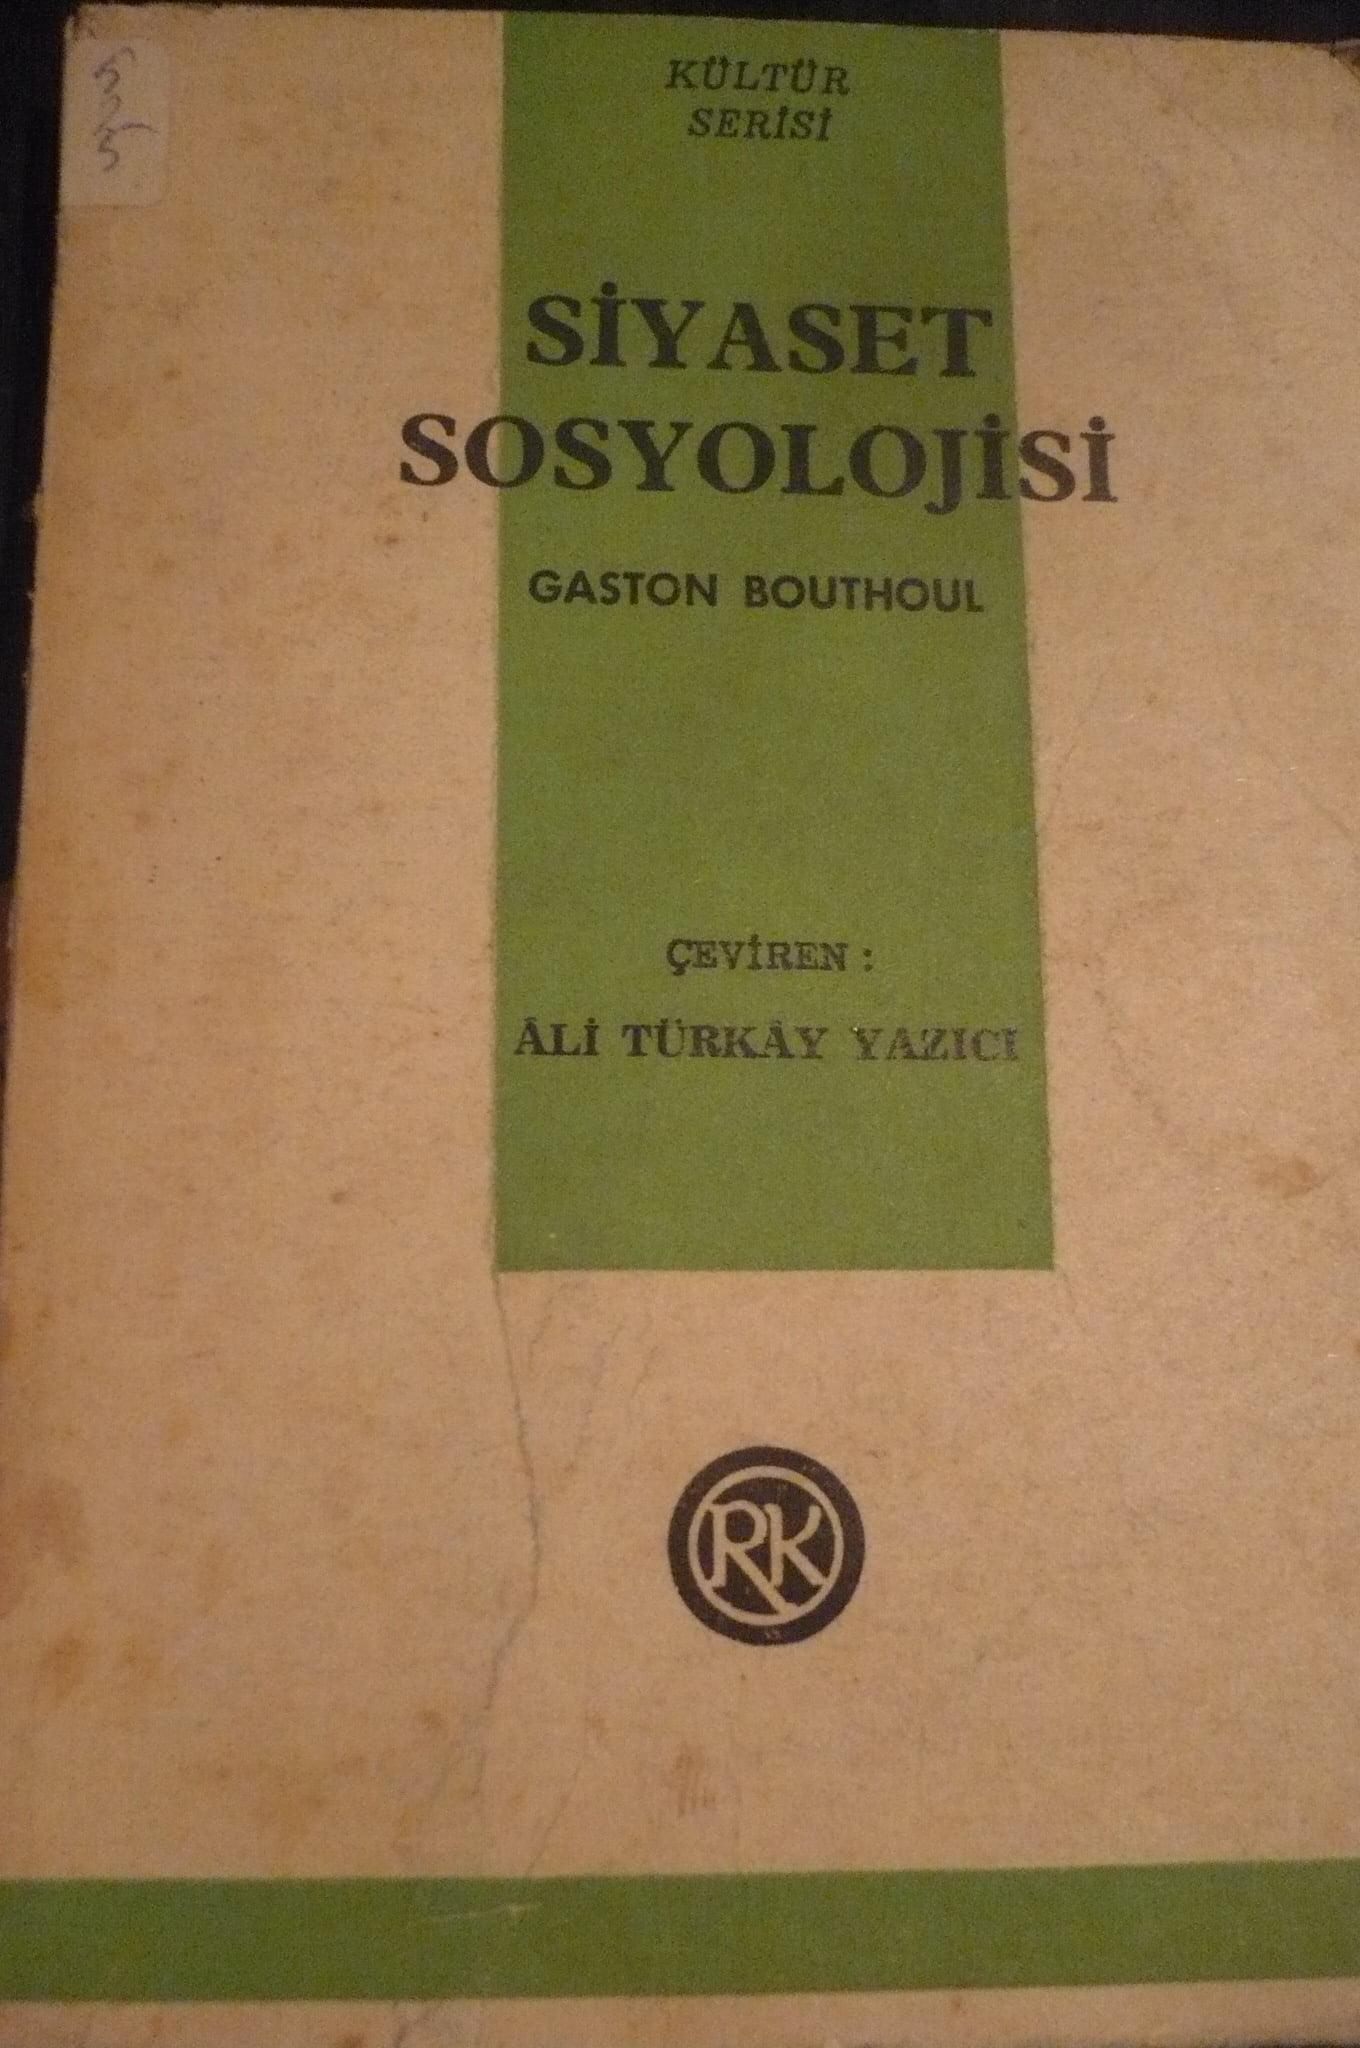 SİYASET SOSYOLOJİSİ/GASTON BOUTHOUL/10 TL